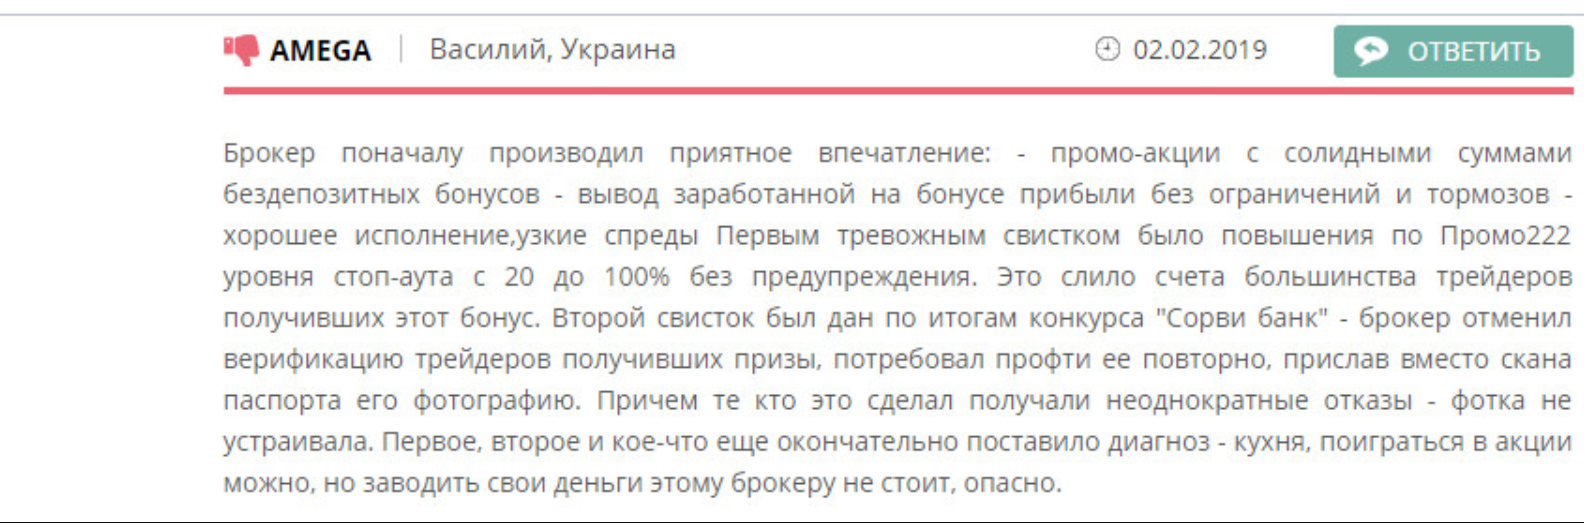 На развод жалуются как русскоязычные пользователи, так и иностранцы